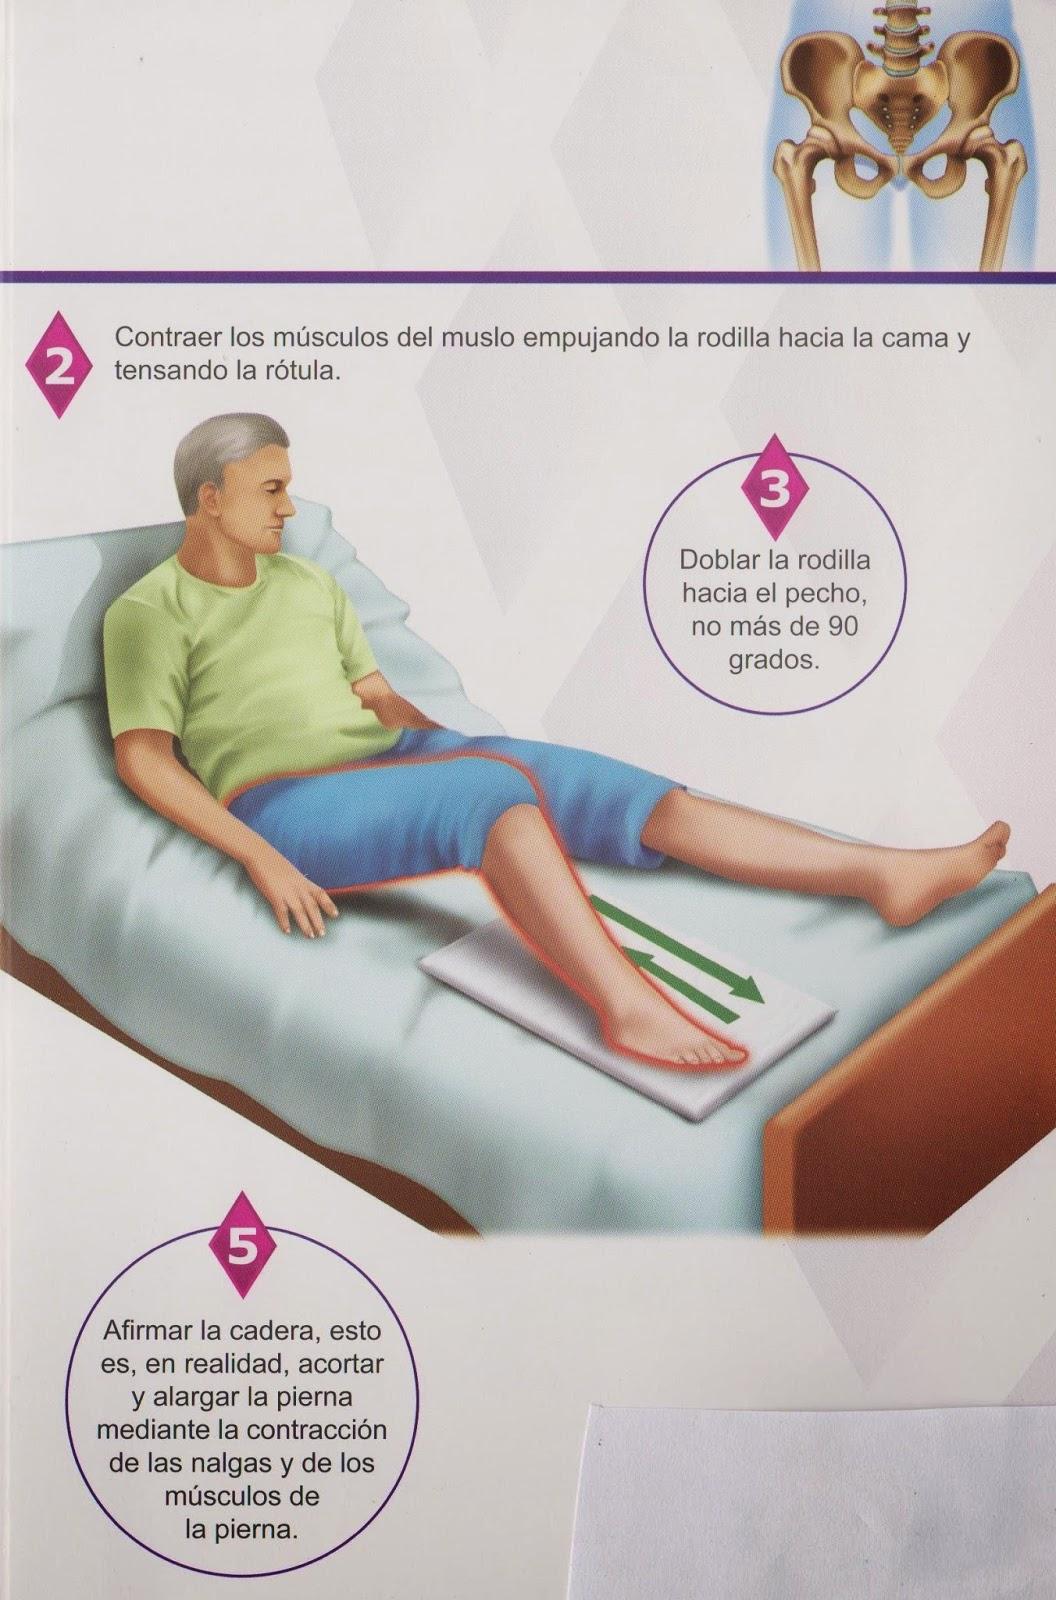 reemplazo de cadera cuidados fisioterapia